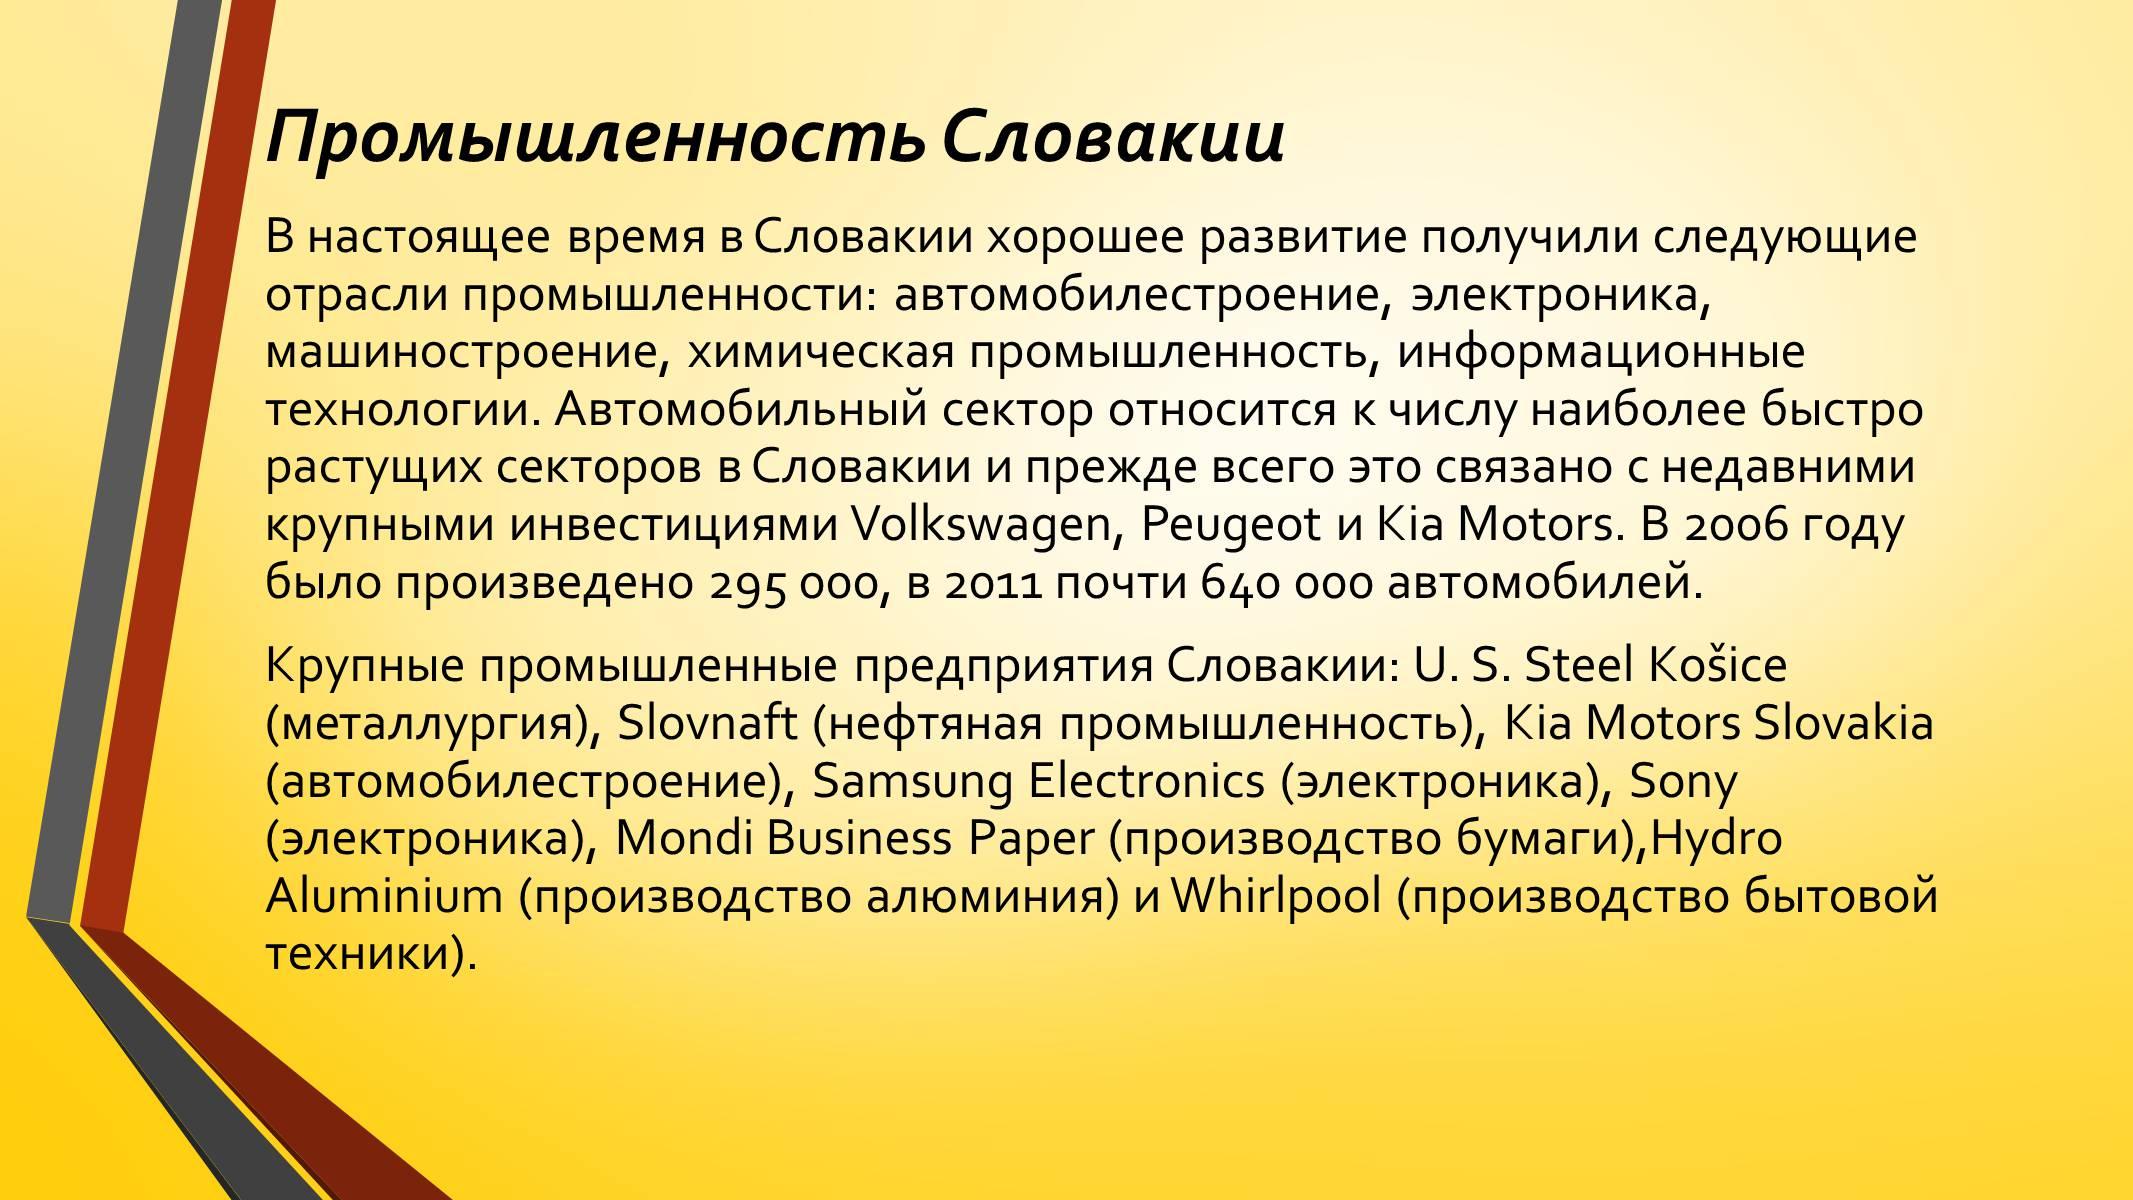 Беларусь и словакия подписали 10 документов по итогам визита кобякова - содружество